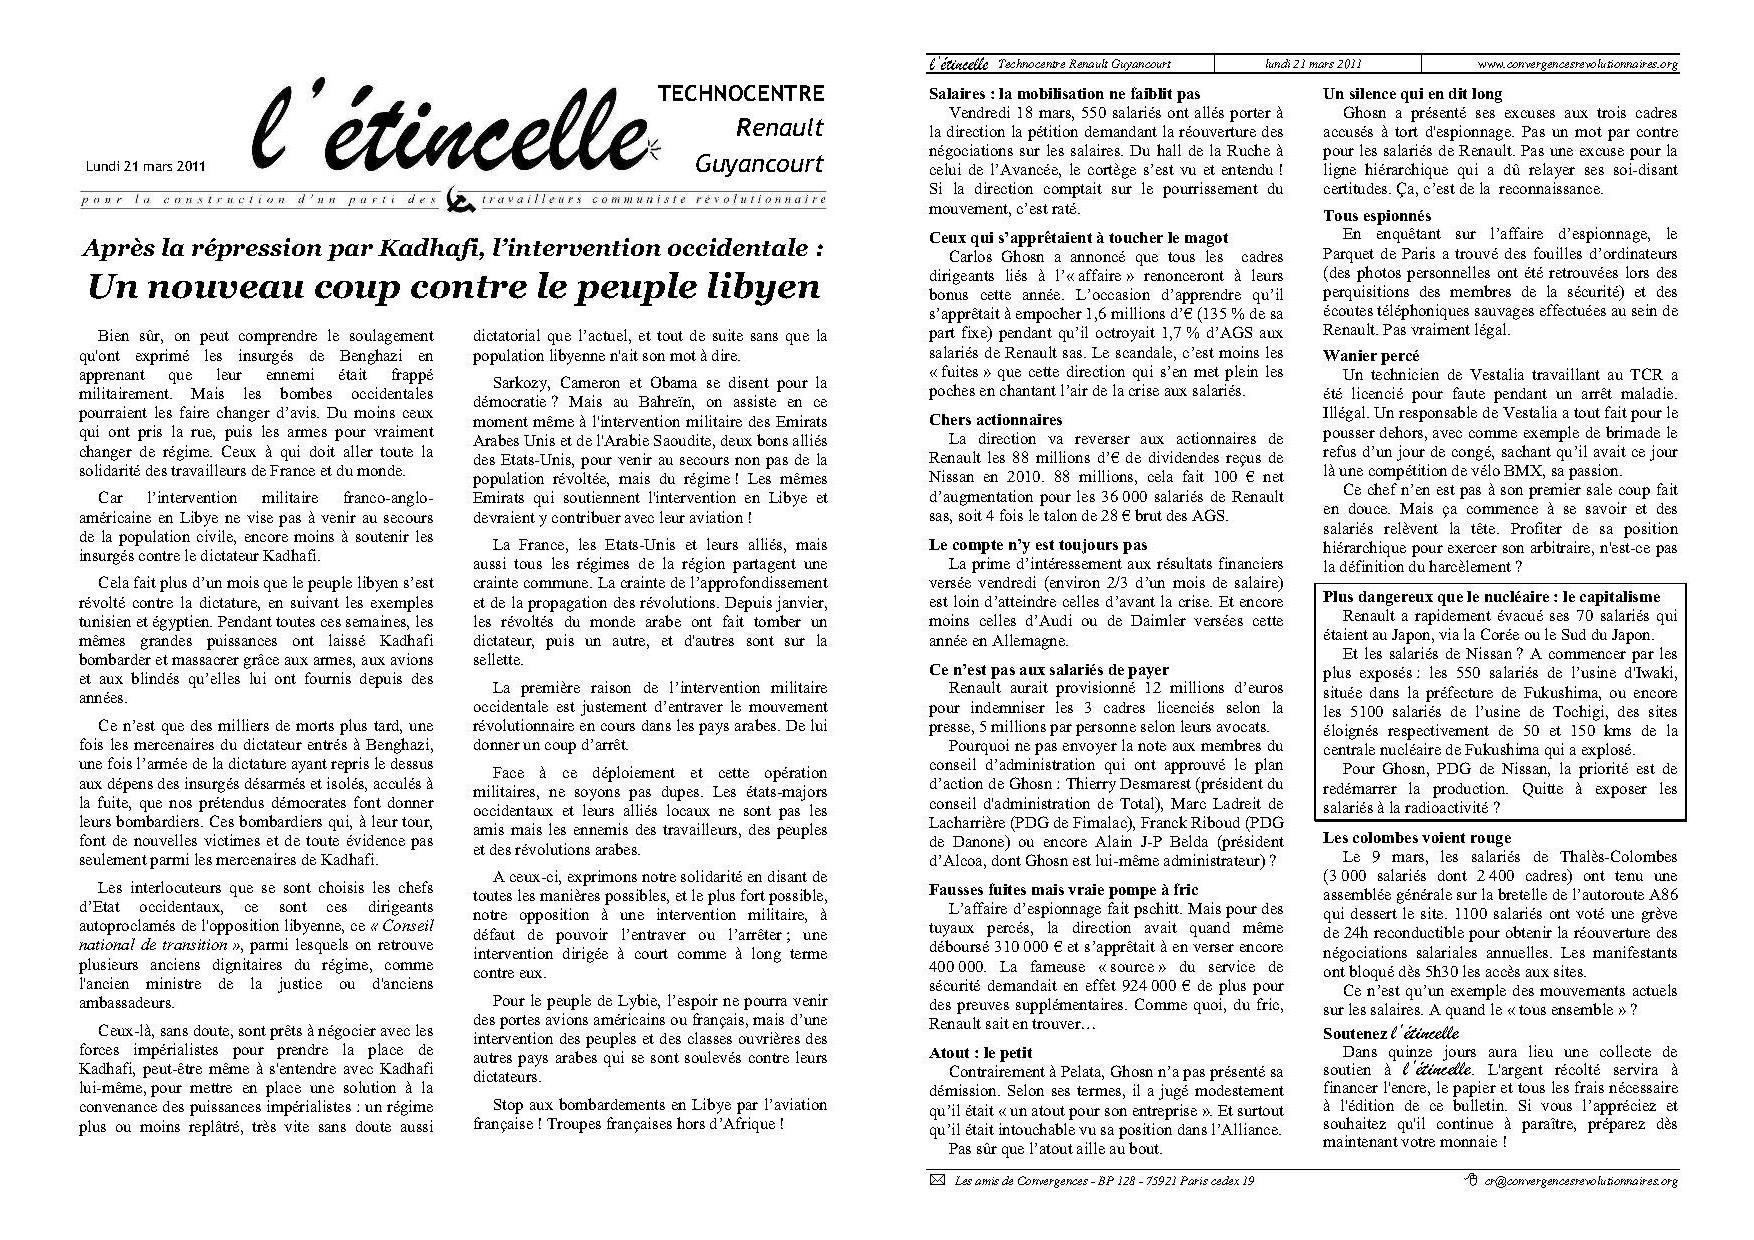 http://sd-4.archive-host.com/membres/images/34597234055451651/Etincelle_2011/Etincelle_Renault_Technocentre_21_mars_2011.jpg